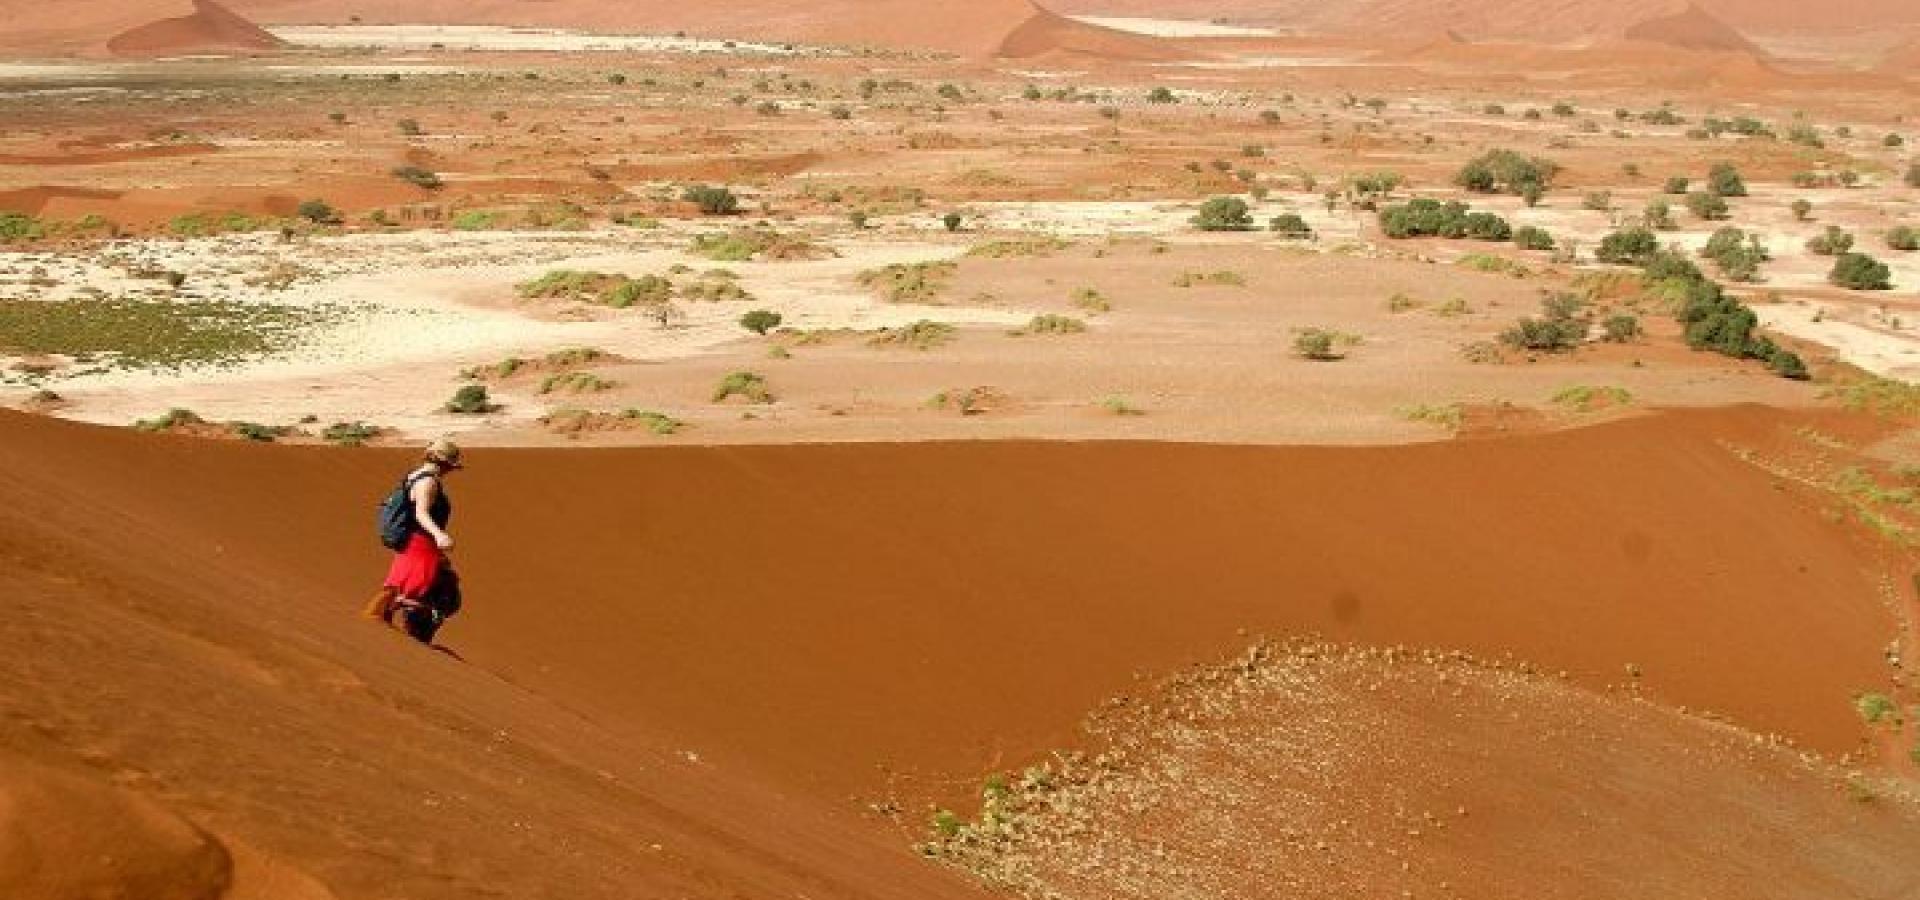 Machen Sie eine schweißtreibende Wanderung in den Dünen der Namib Wüste in Namibia